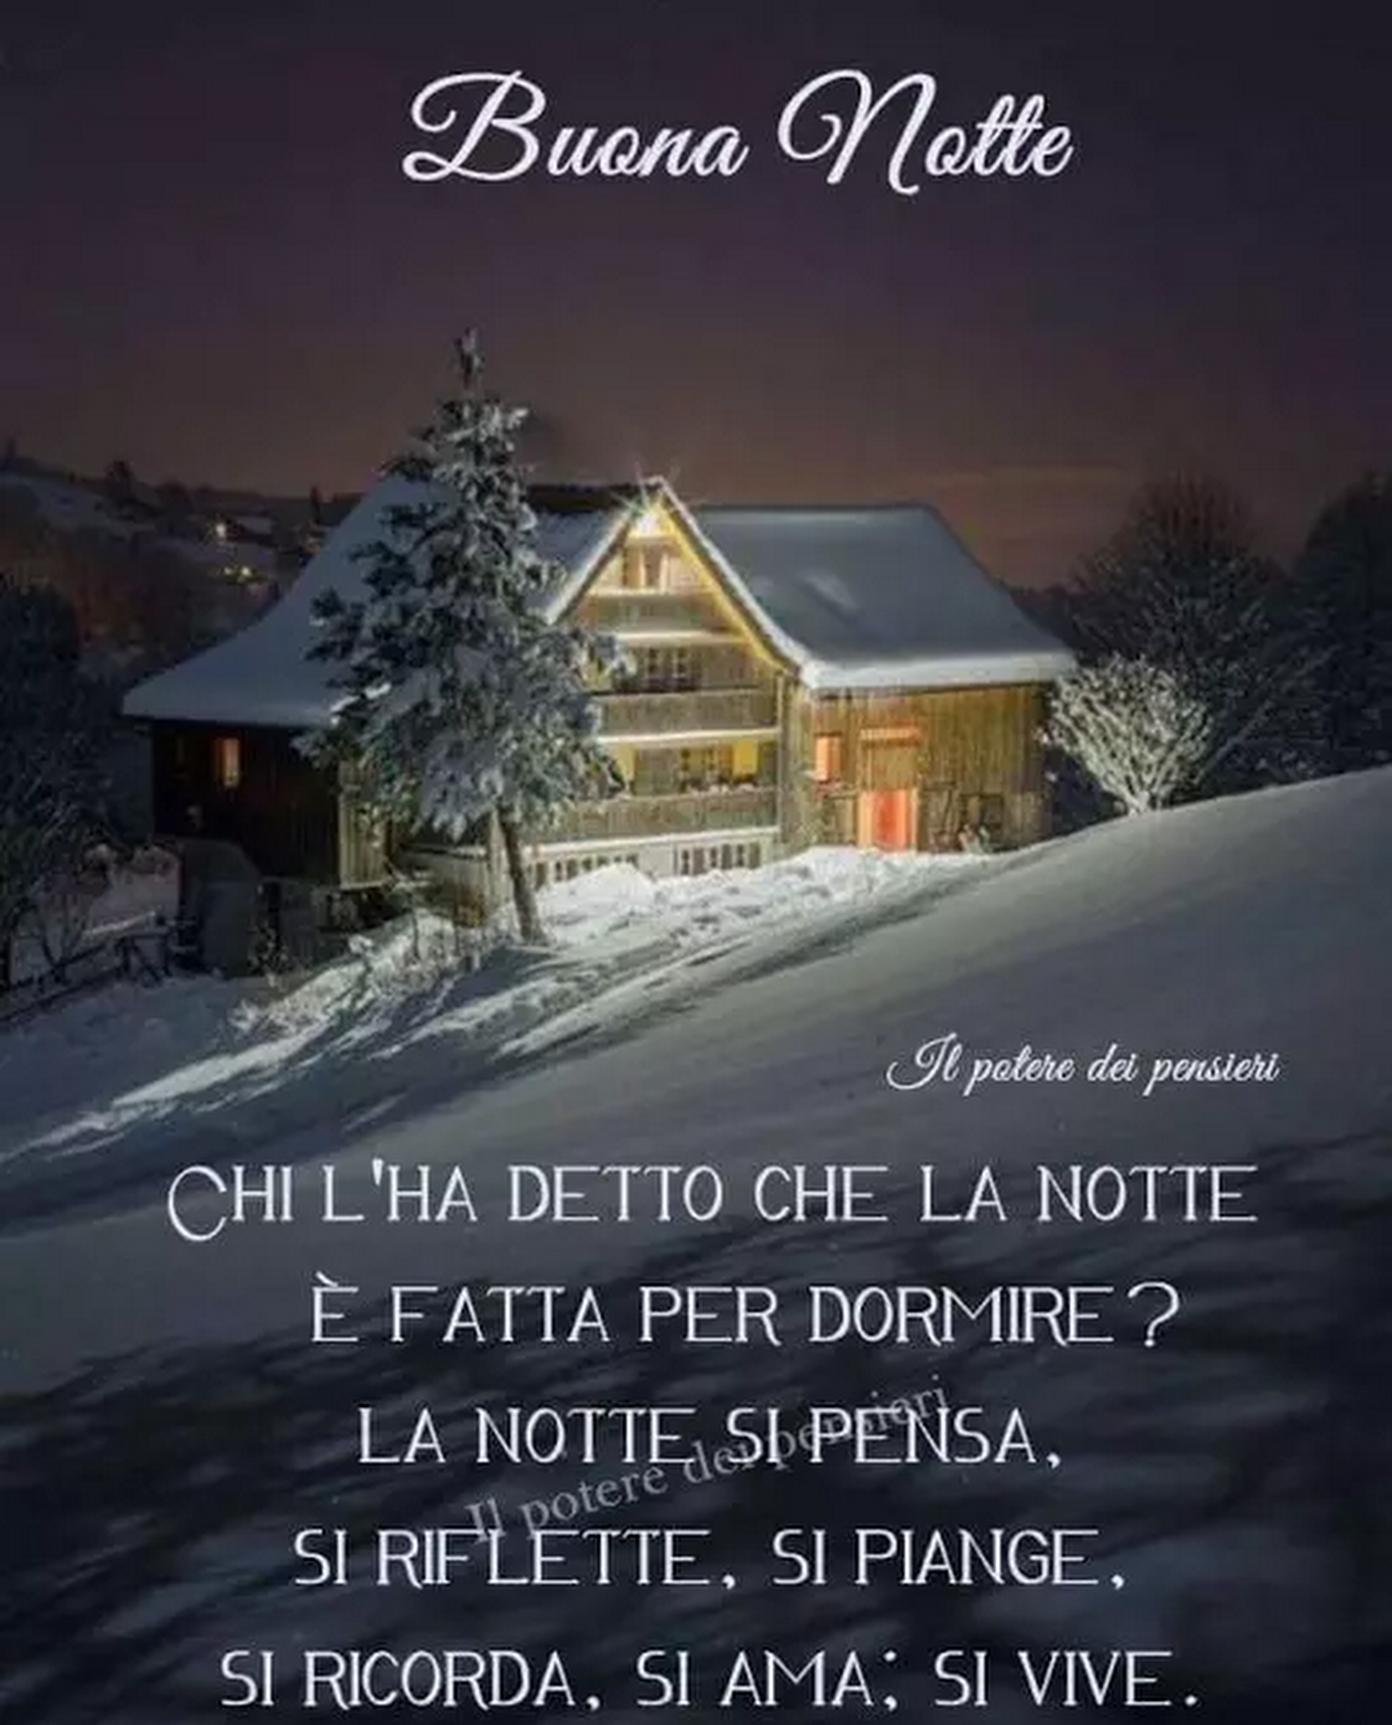 Buonanotte E Dolci Sogni Immagini Per Mamma Buonanotte